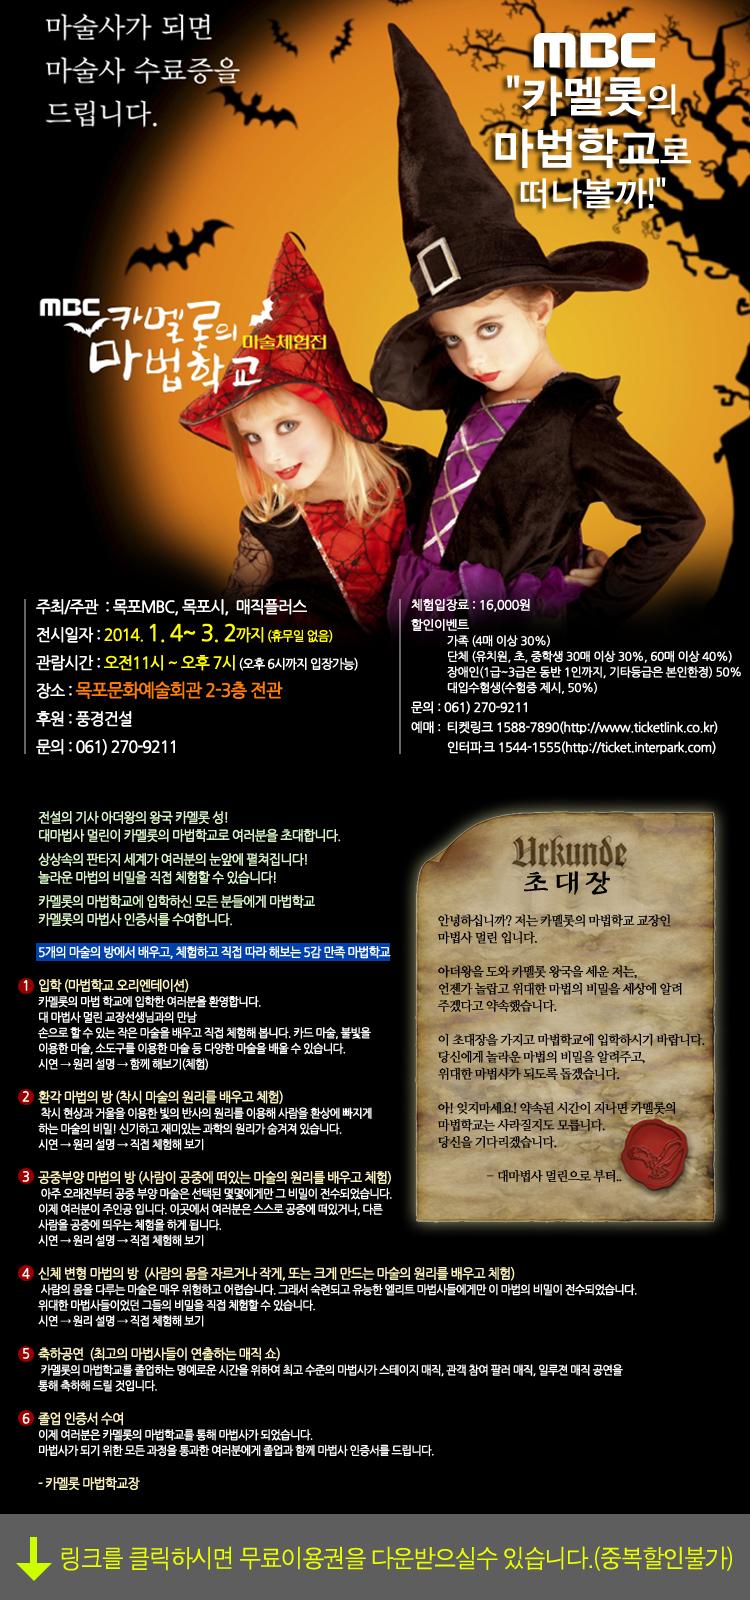 카멜롯의 마법학교 마술체험전 행사정보